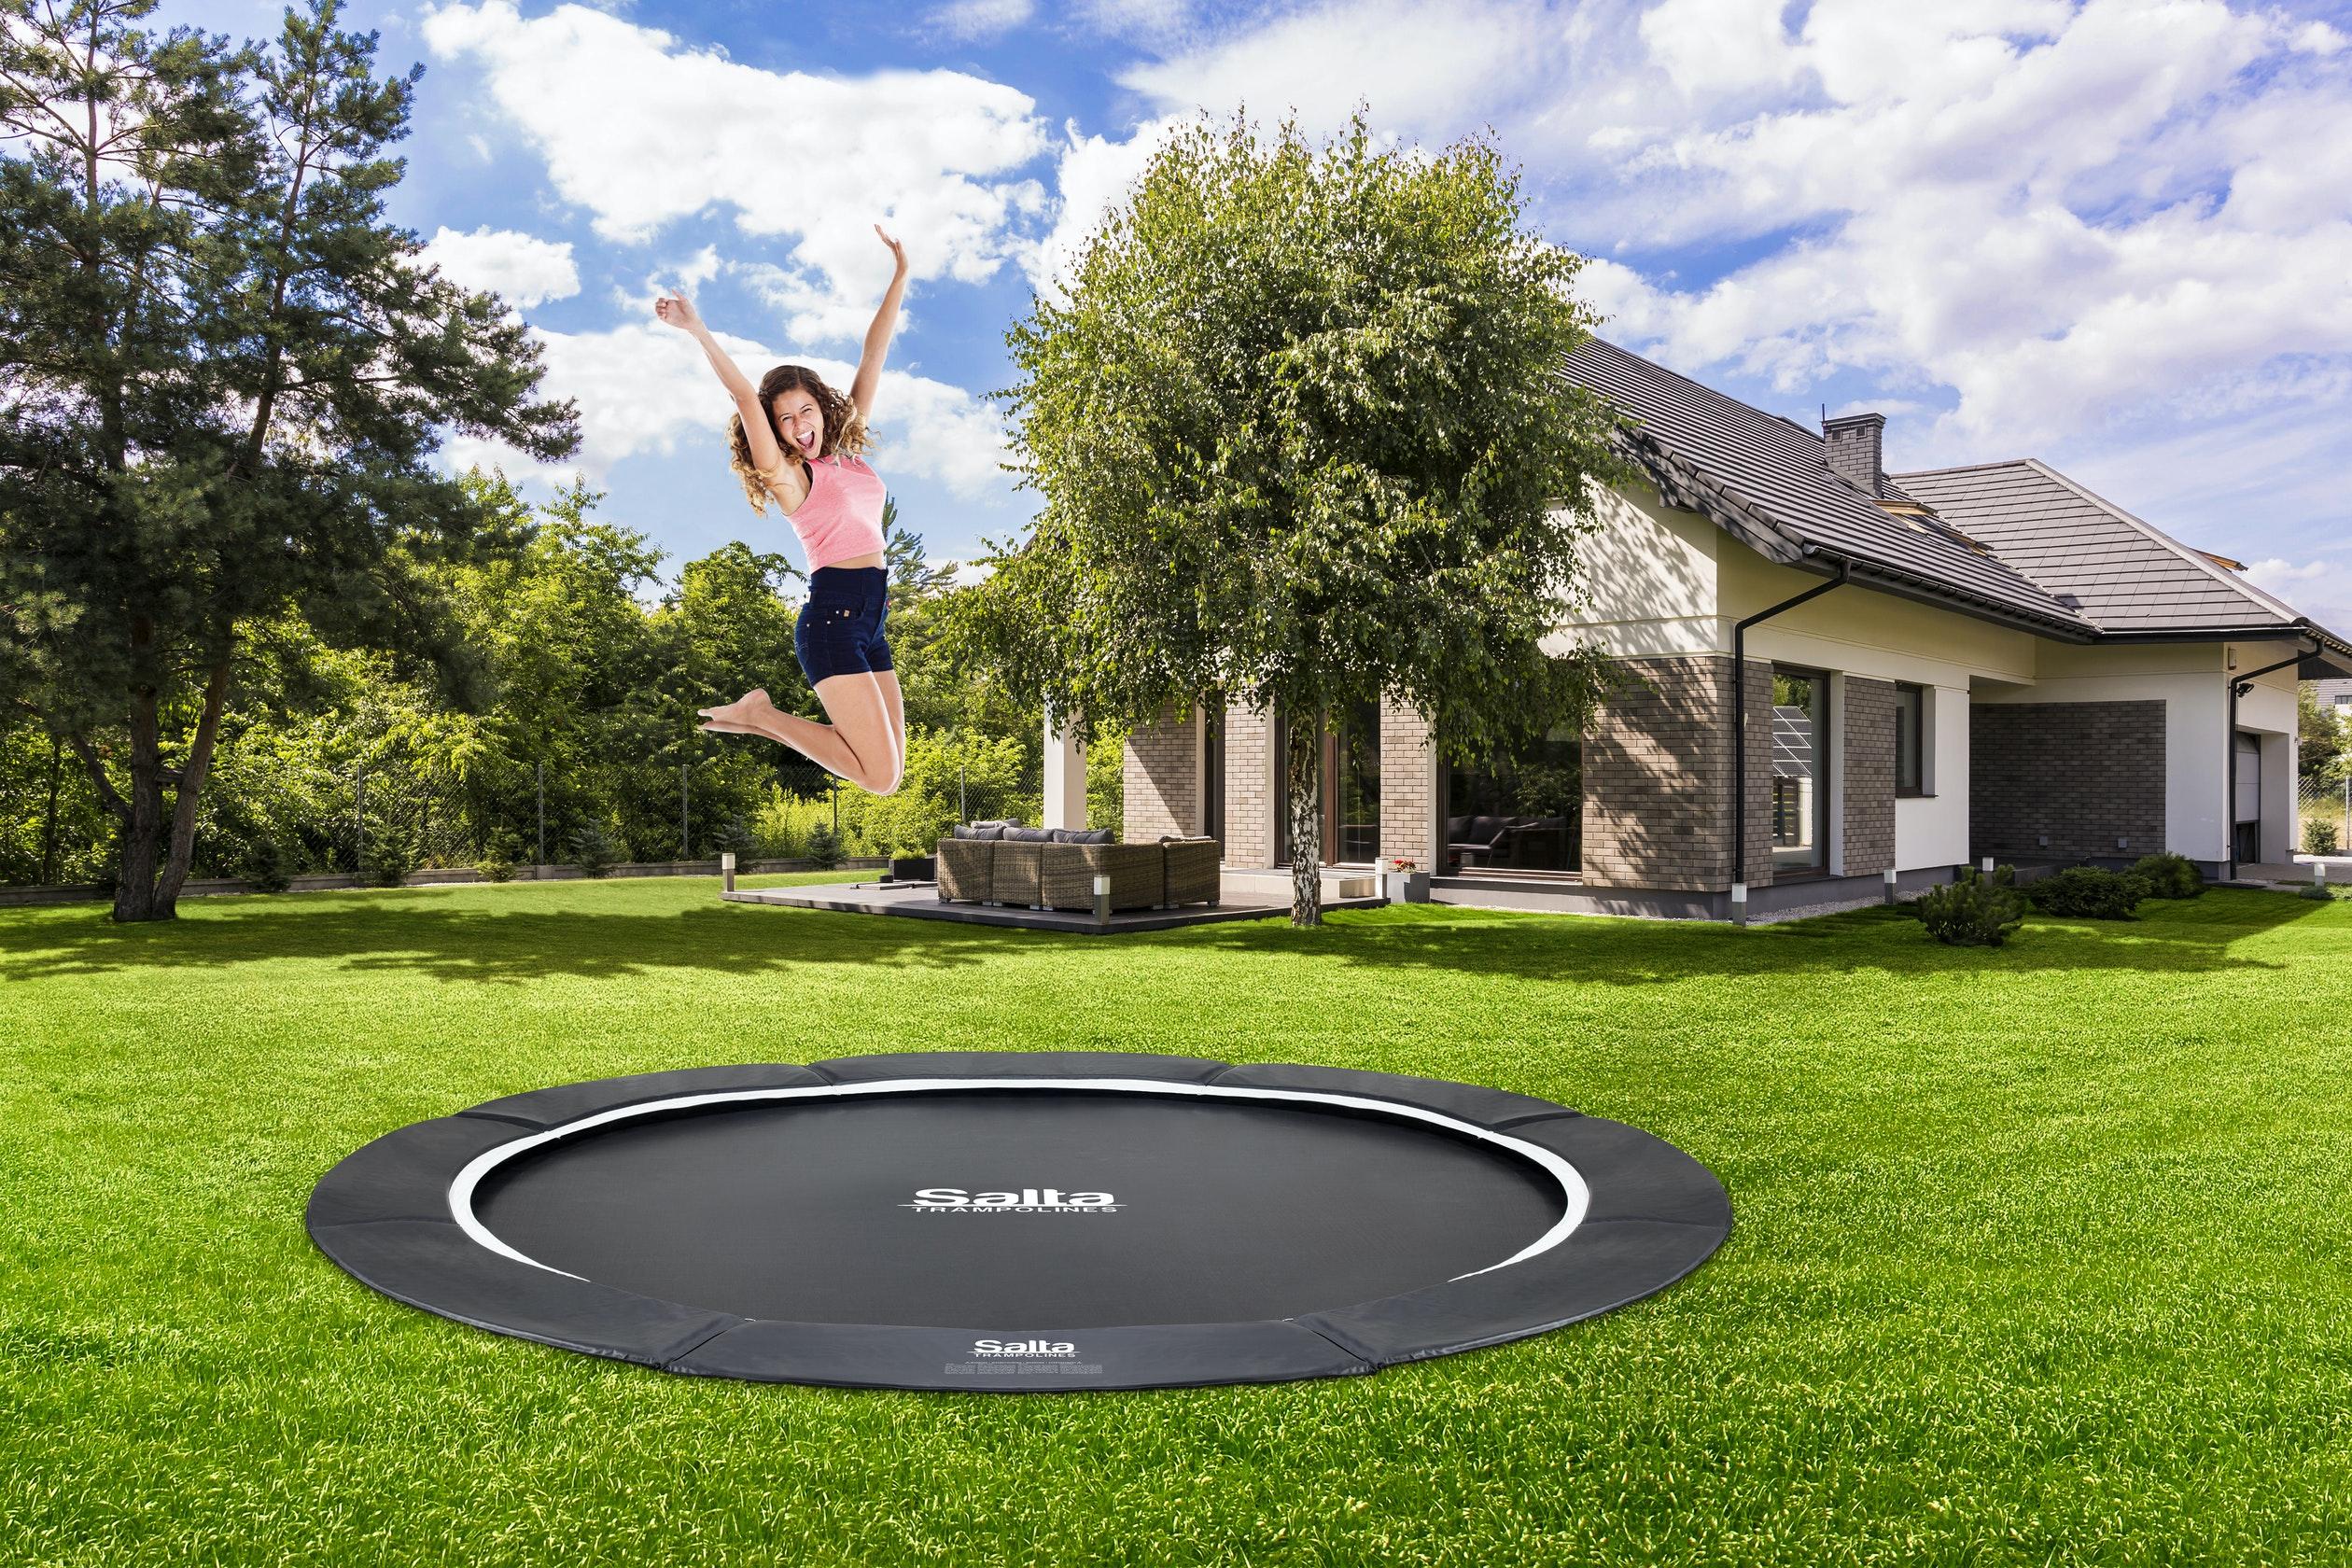 Trampolin Tipps zum Aufbau und zum ersten Springspaß - trampolin-profi.de